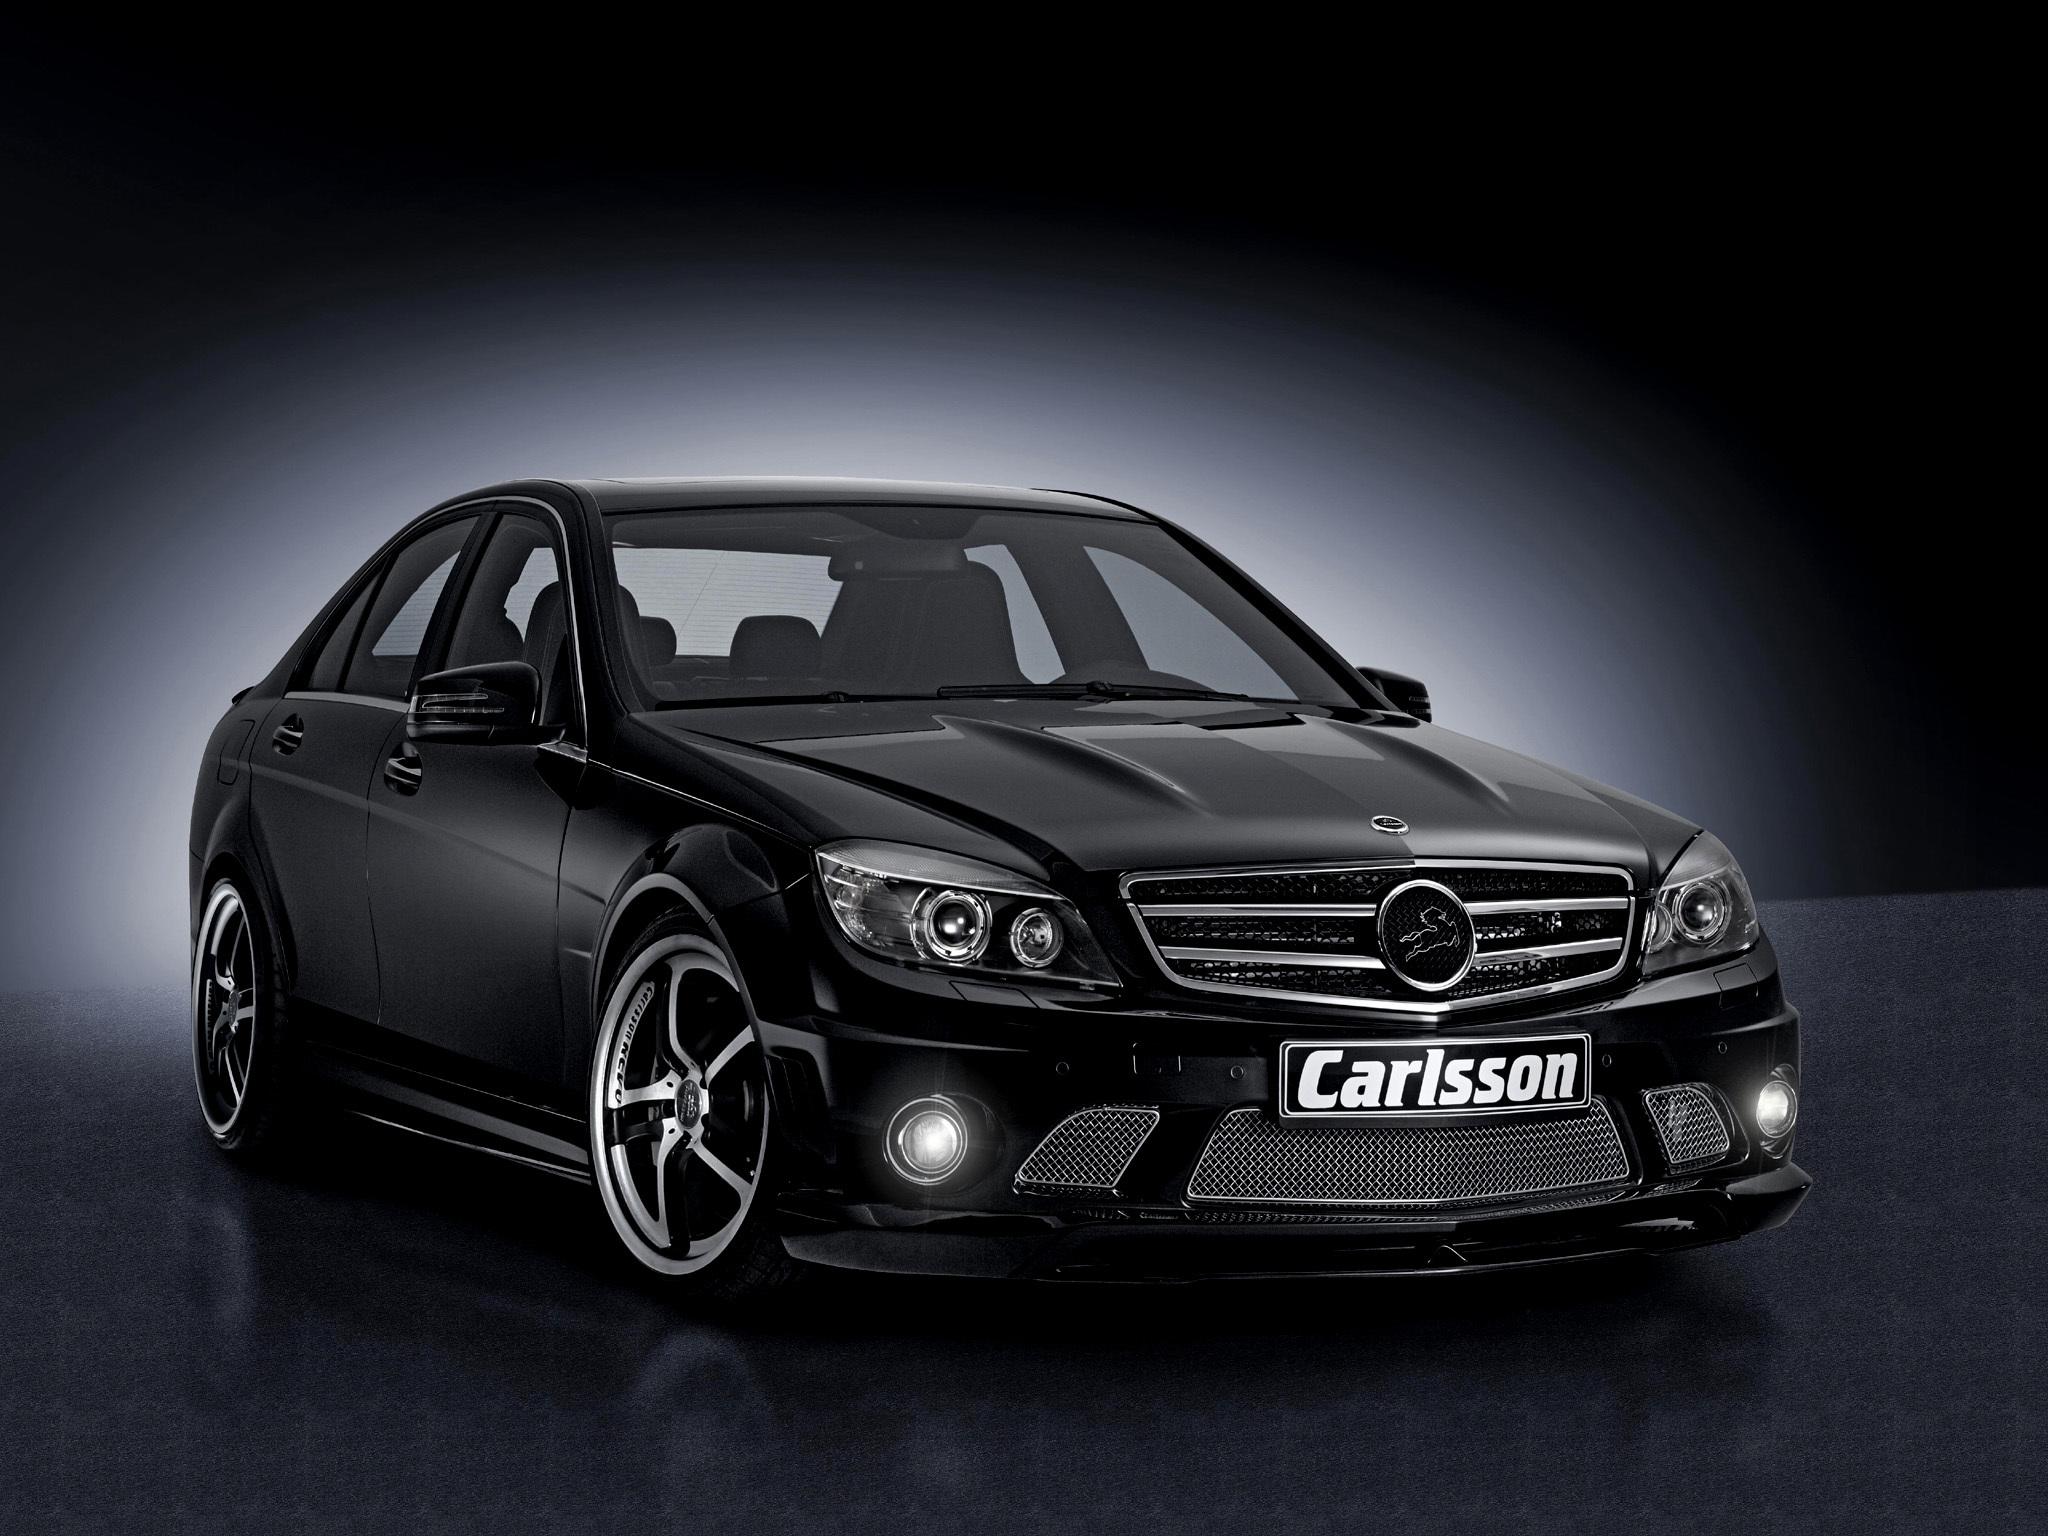 10487 скачать обои Транспорт, Машины, Мерседес (Mercedes) - заставки и картинки бесплатно